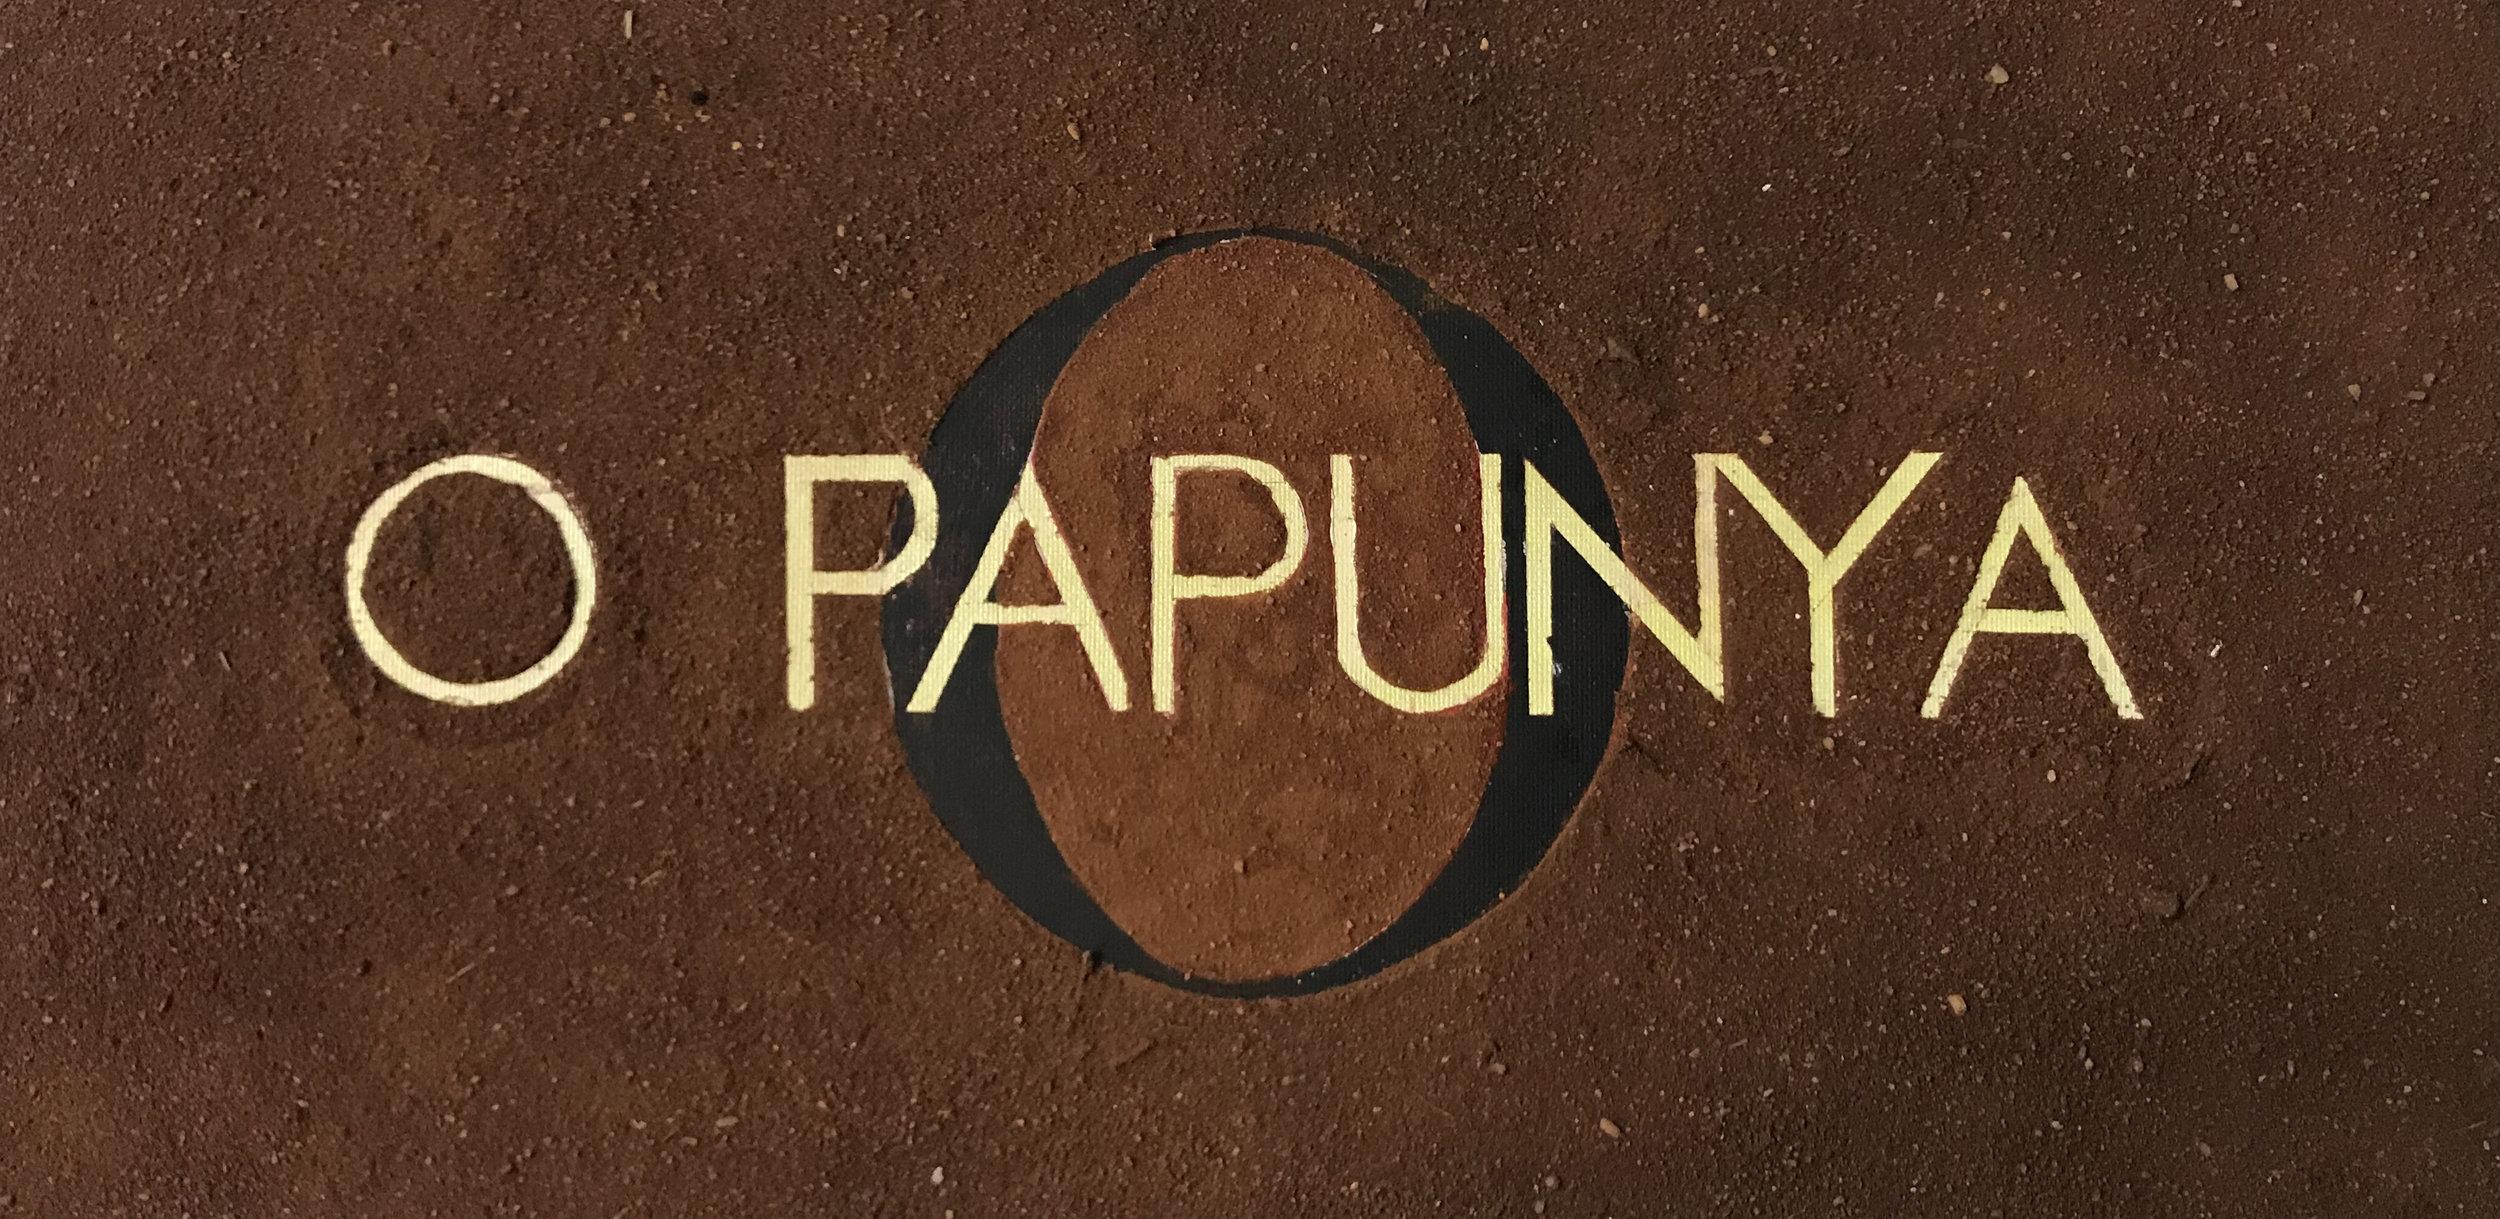 O Papunya, 2018